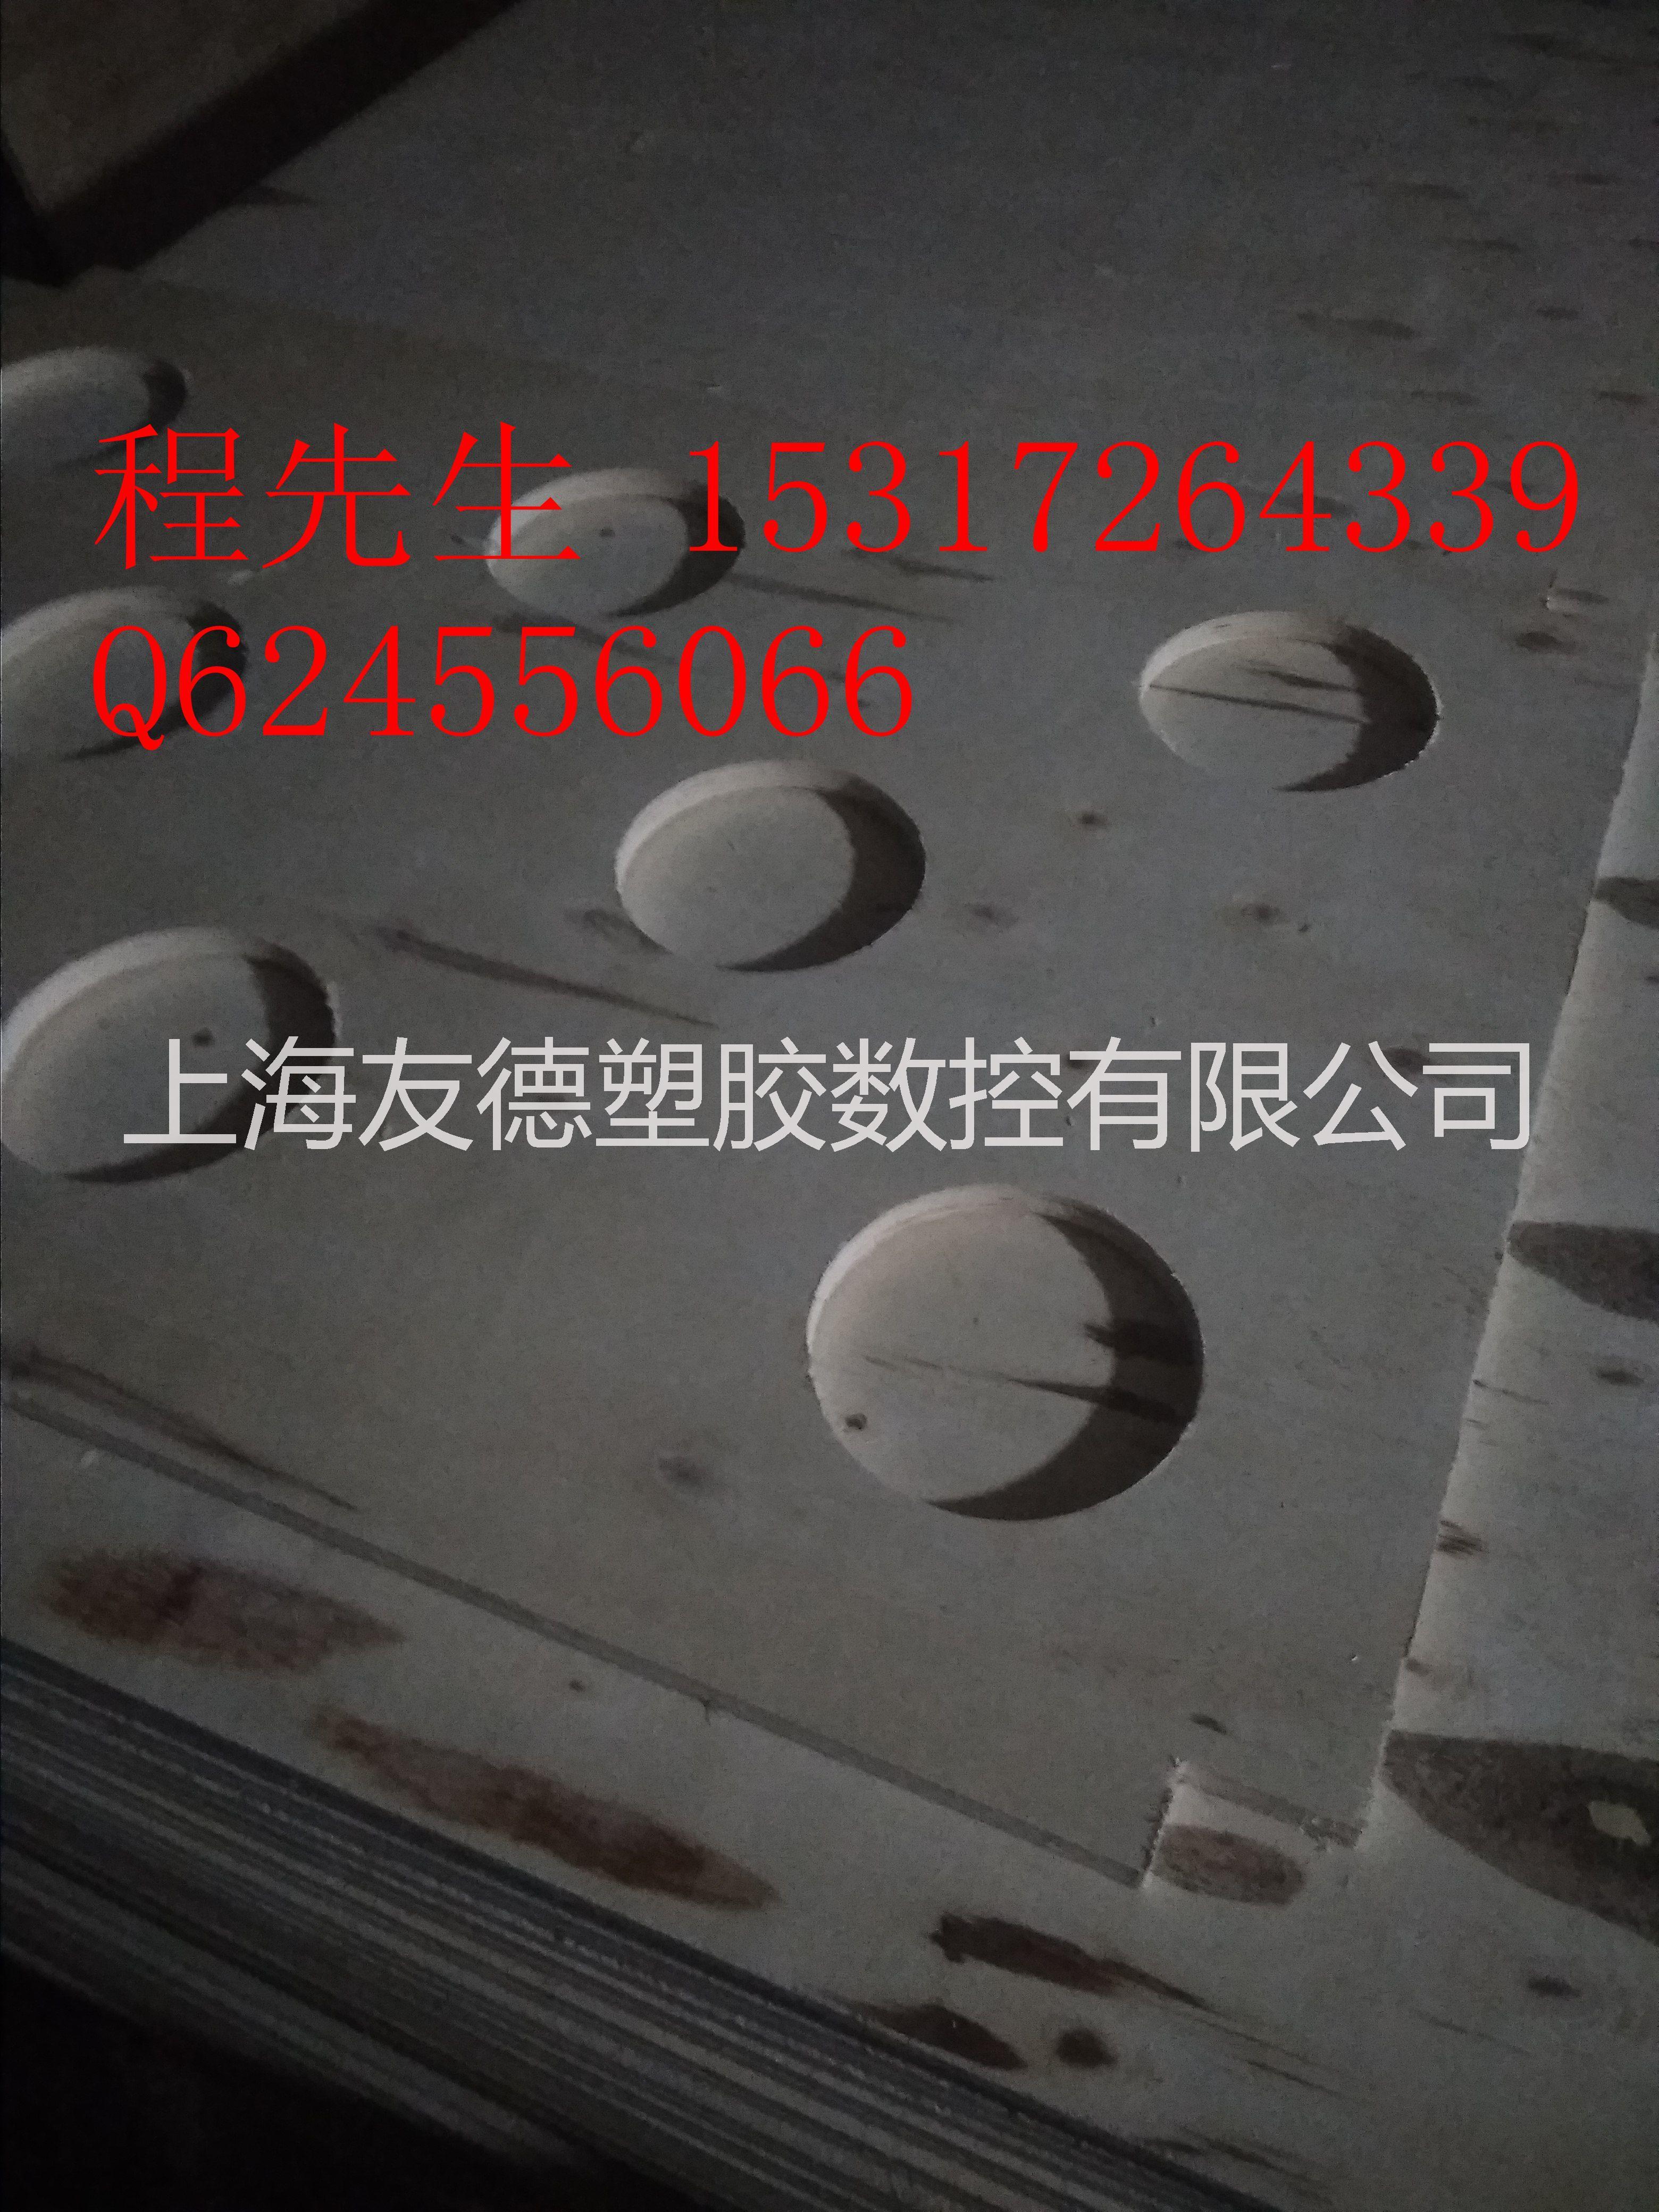 上海密度板雕刻加工@上海密度板加工@上海木板加工@上海密度板雕刻加工价格@密度板雕刻加工